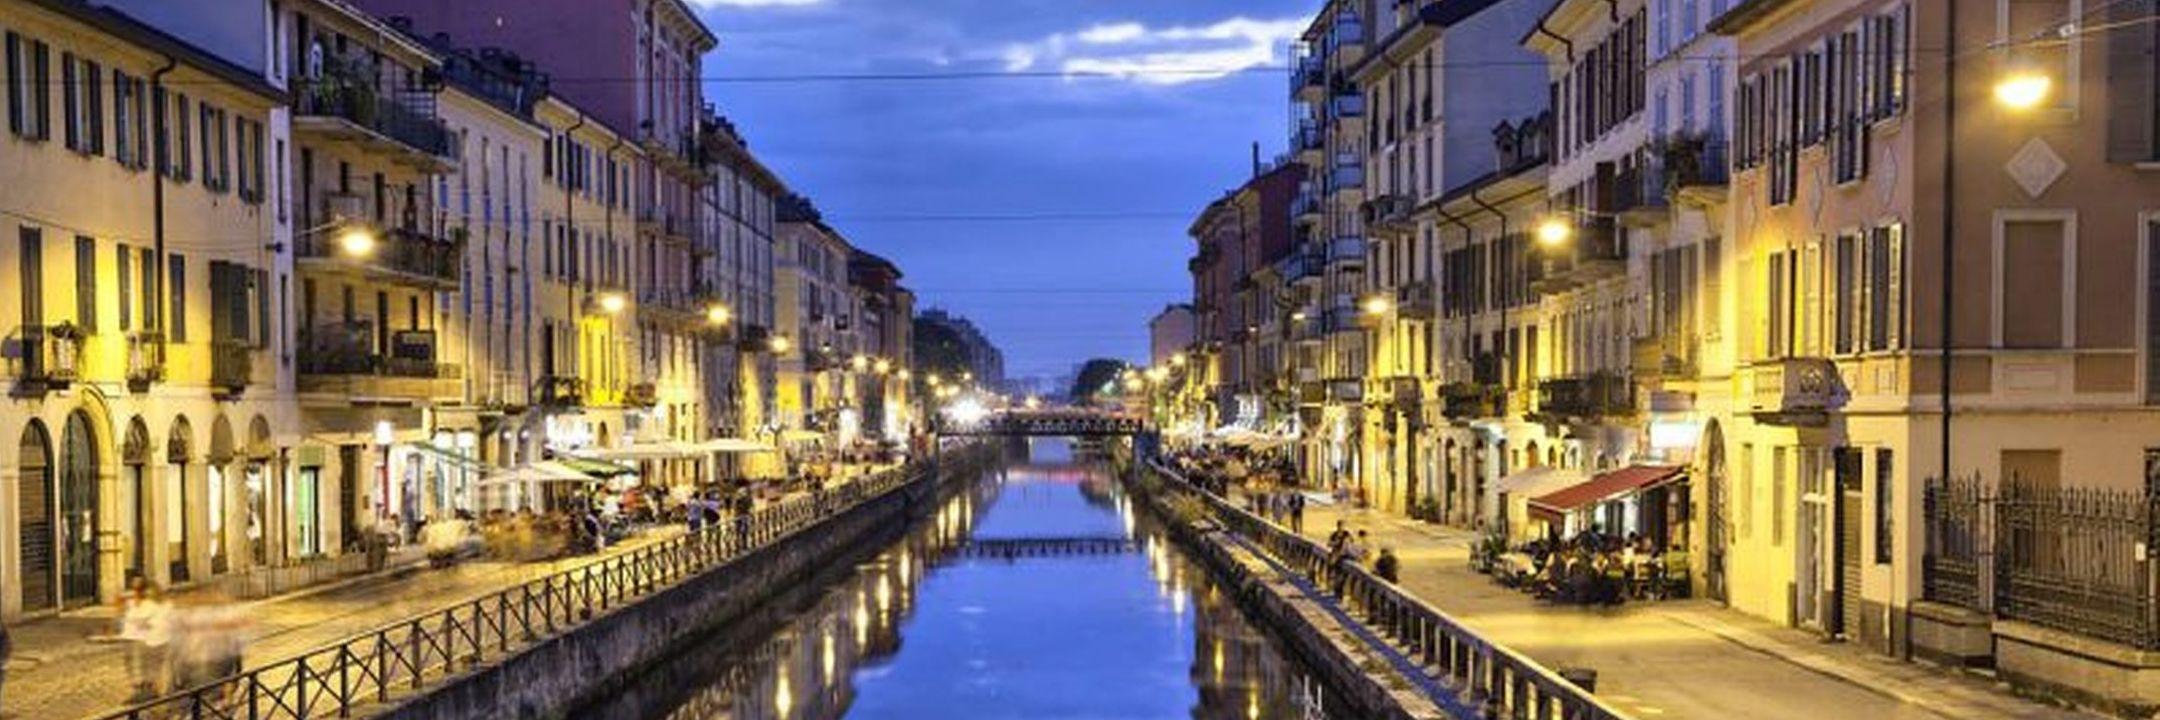 Deixe-se levar pela inebriante atmosfera de Milão